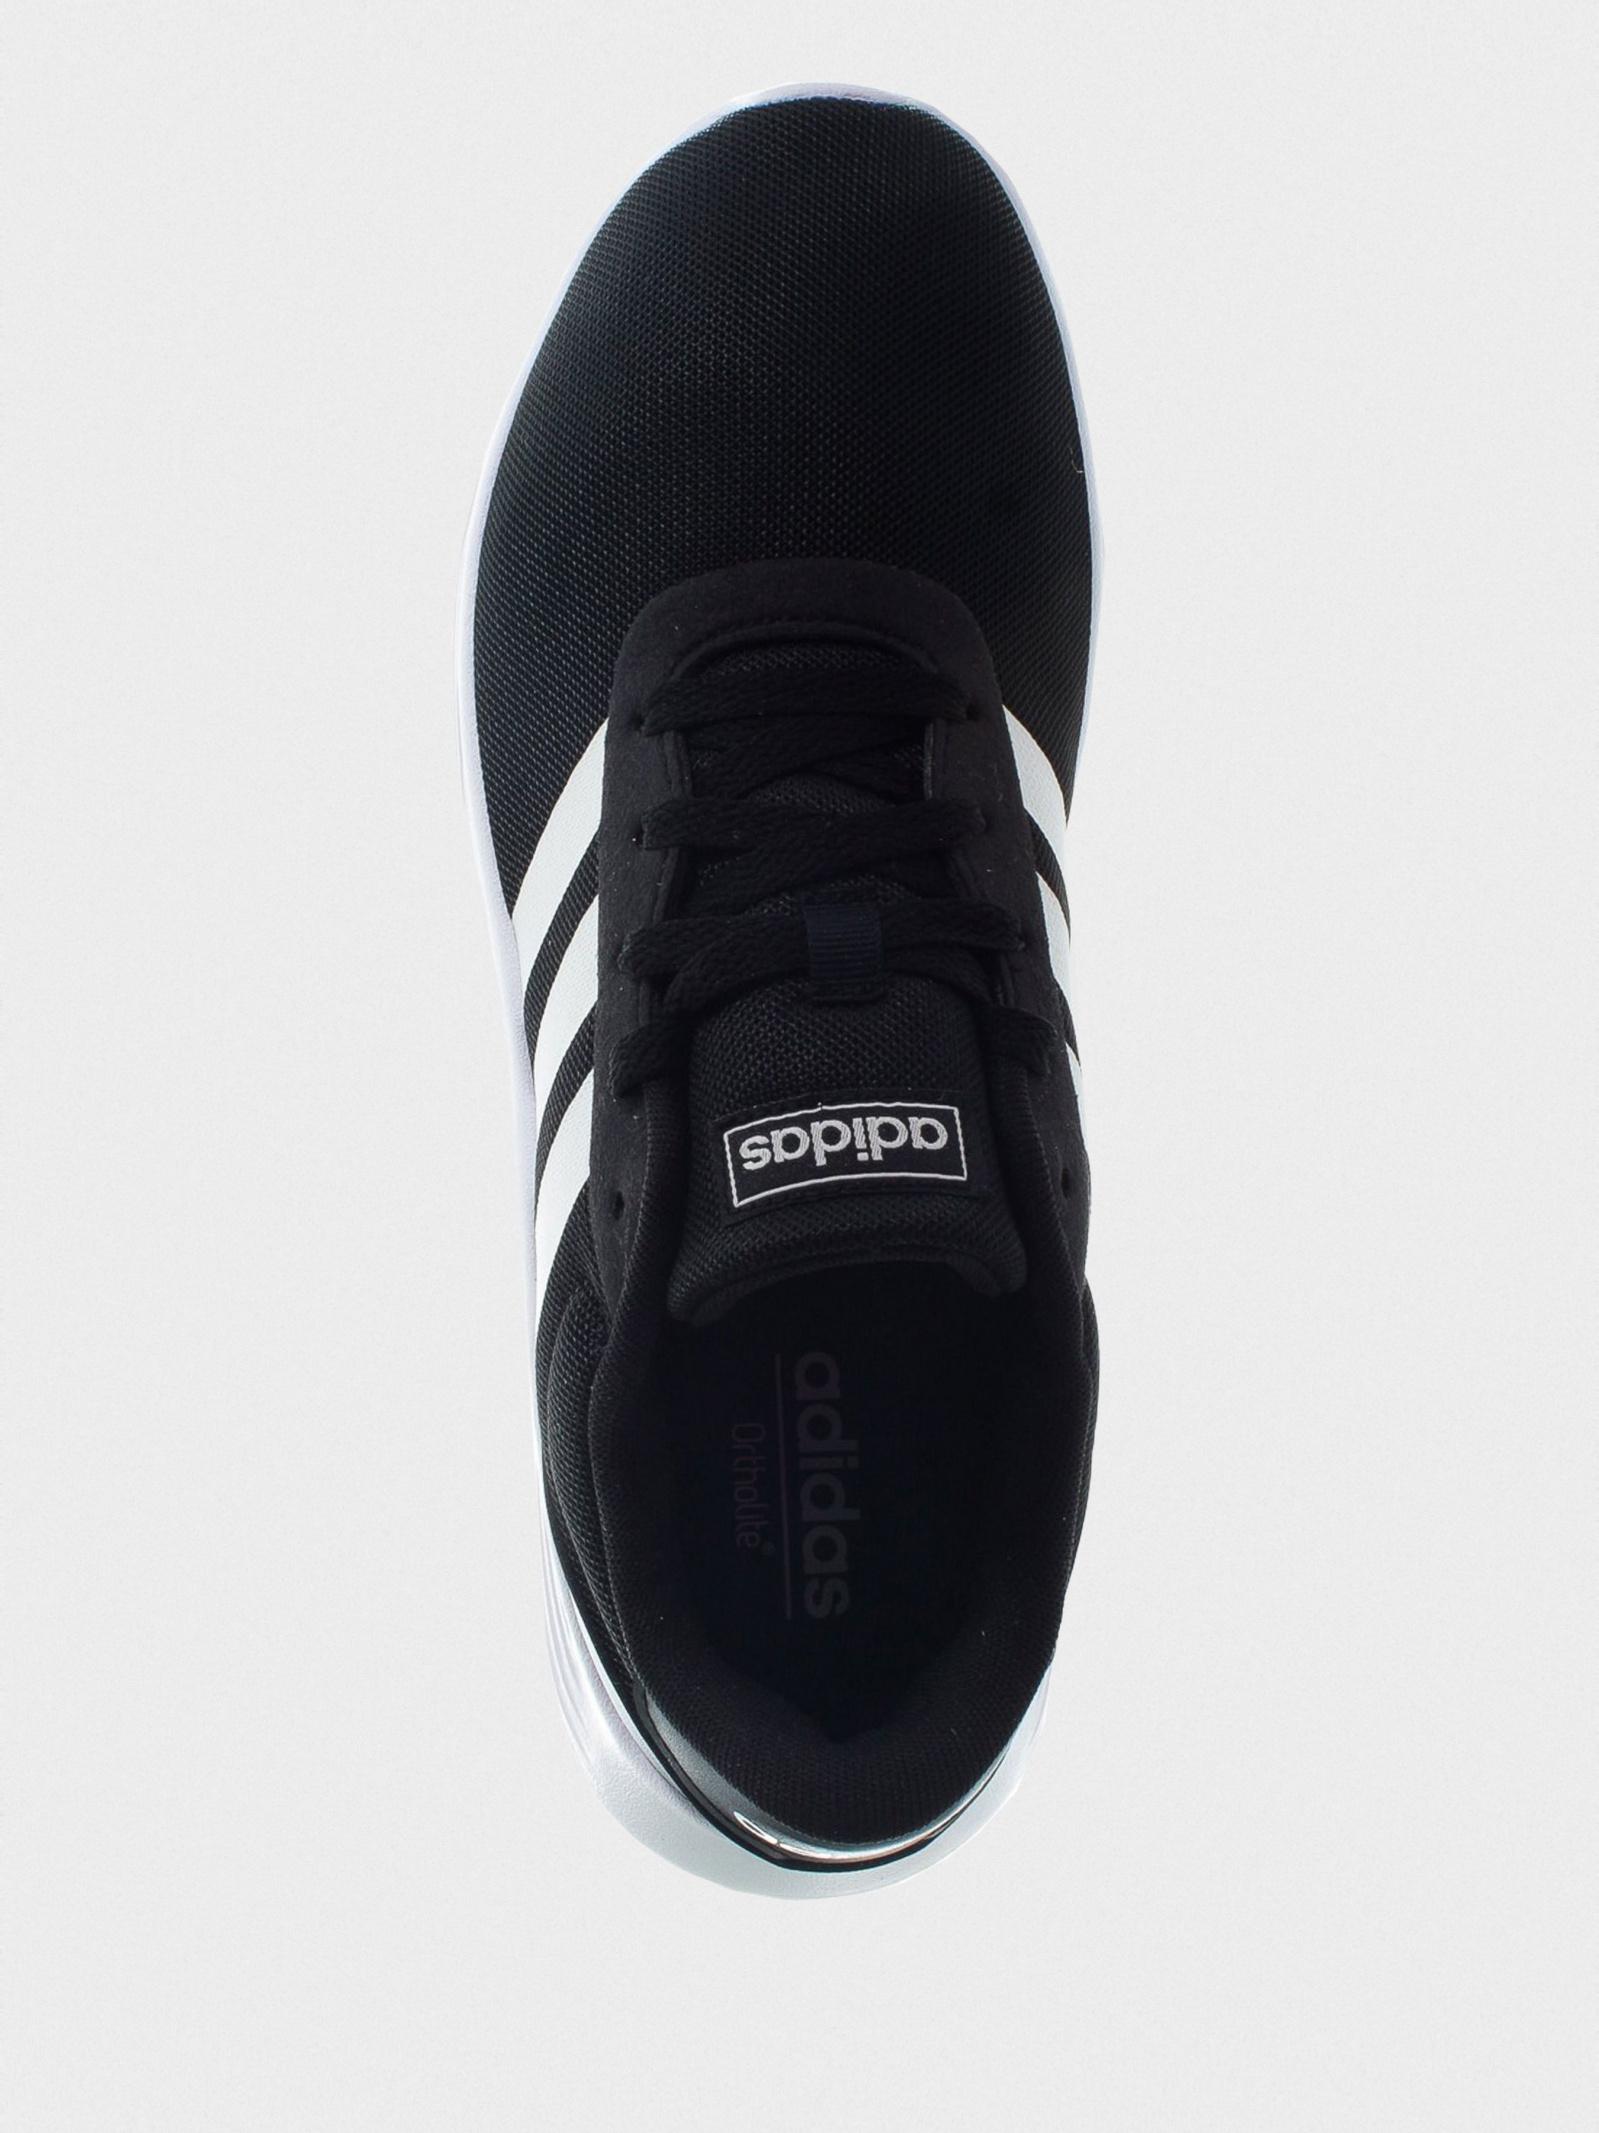 Кросівки  для чоловіків Adidas LITE RACER 2.0 EG3283 модне взуття, 2017